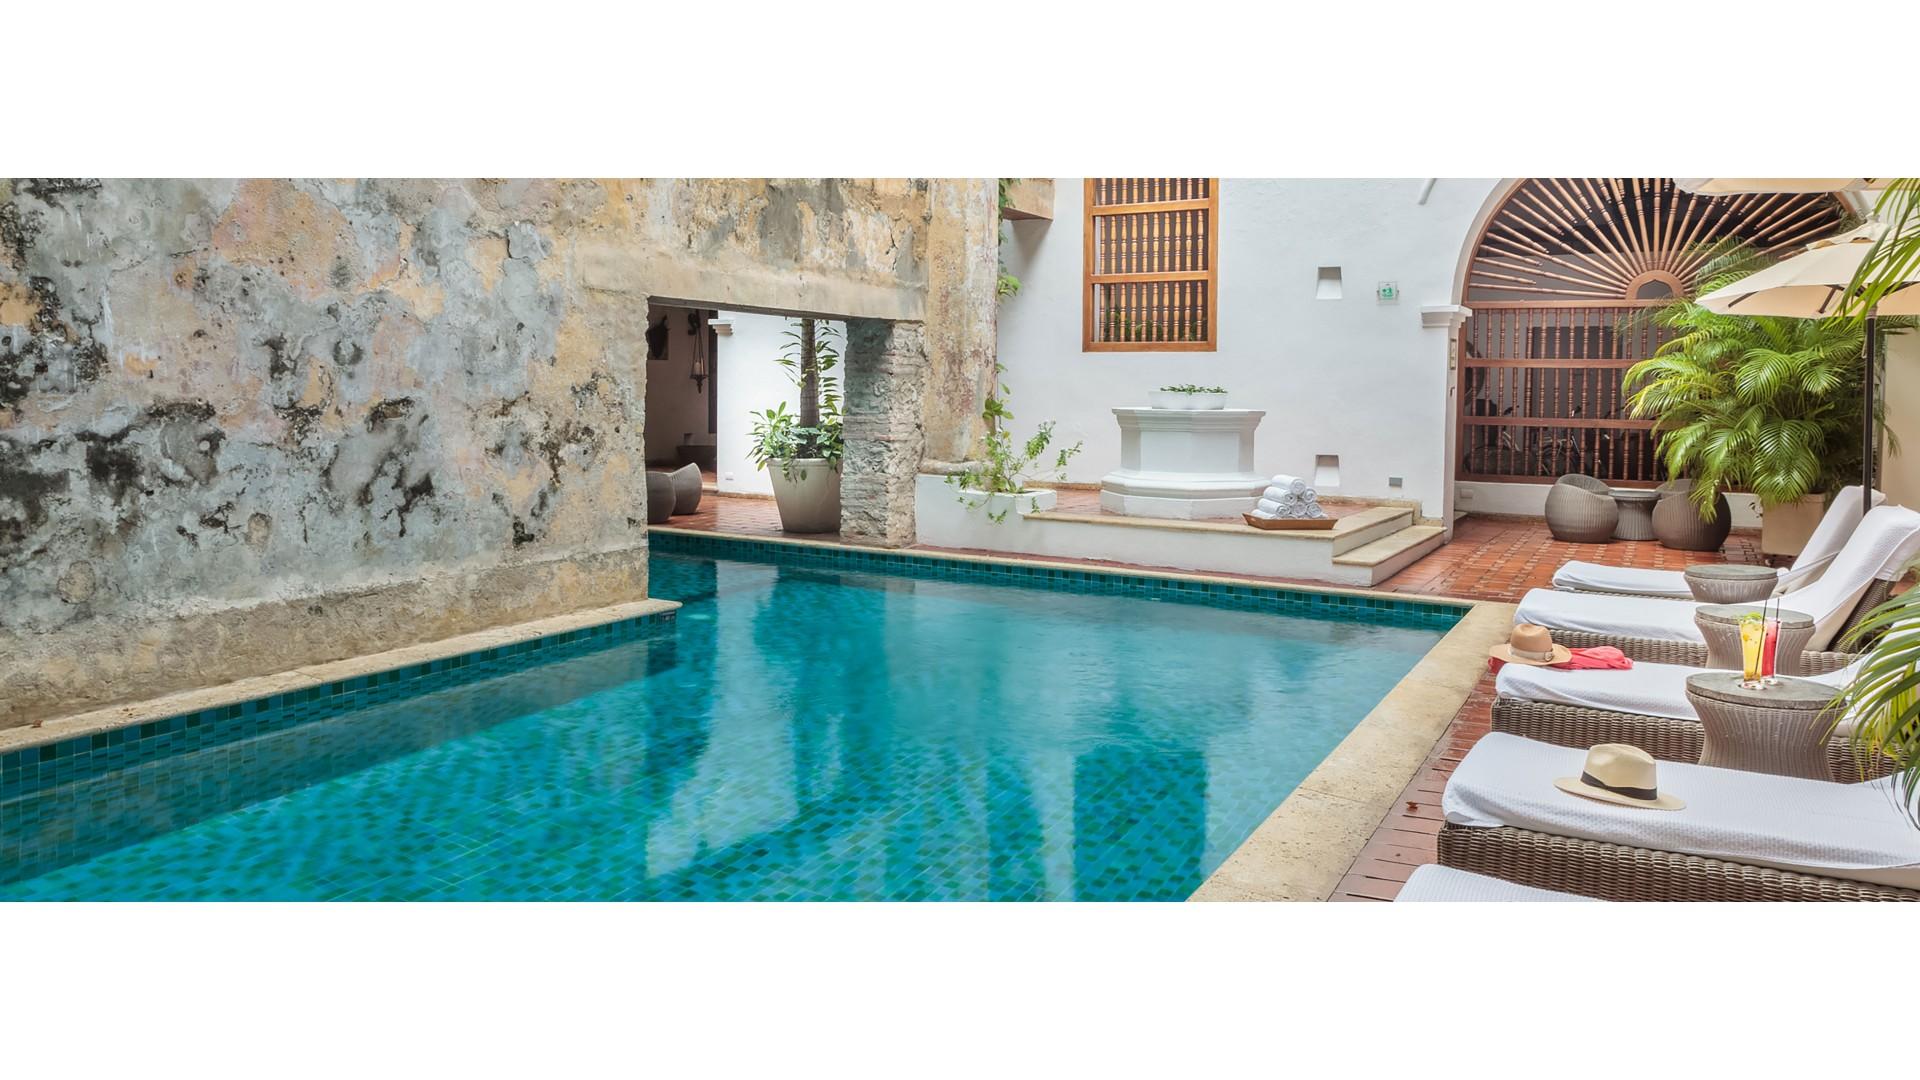 c8d2bafae1919 Hotel Casa San Agustín hotel - Cartagena - Smith Hotels